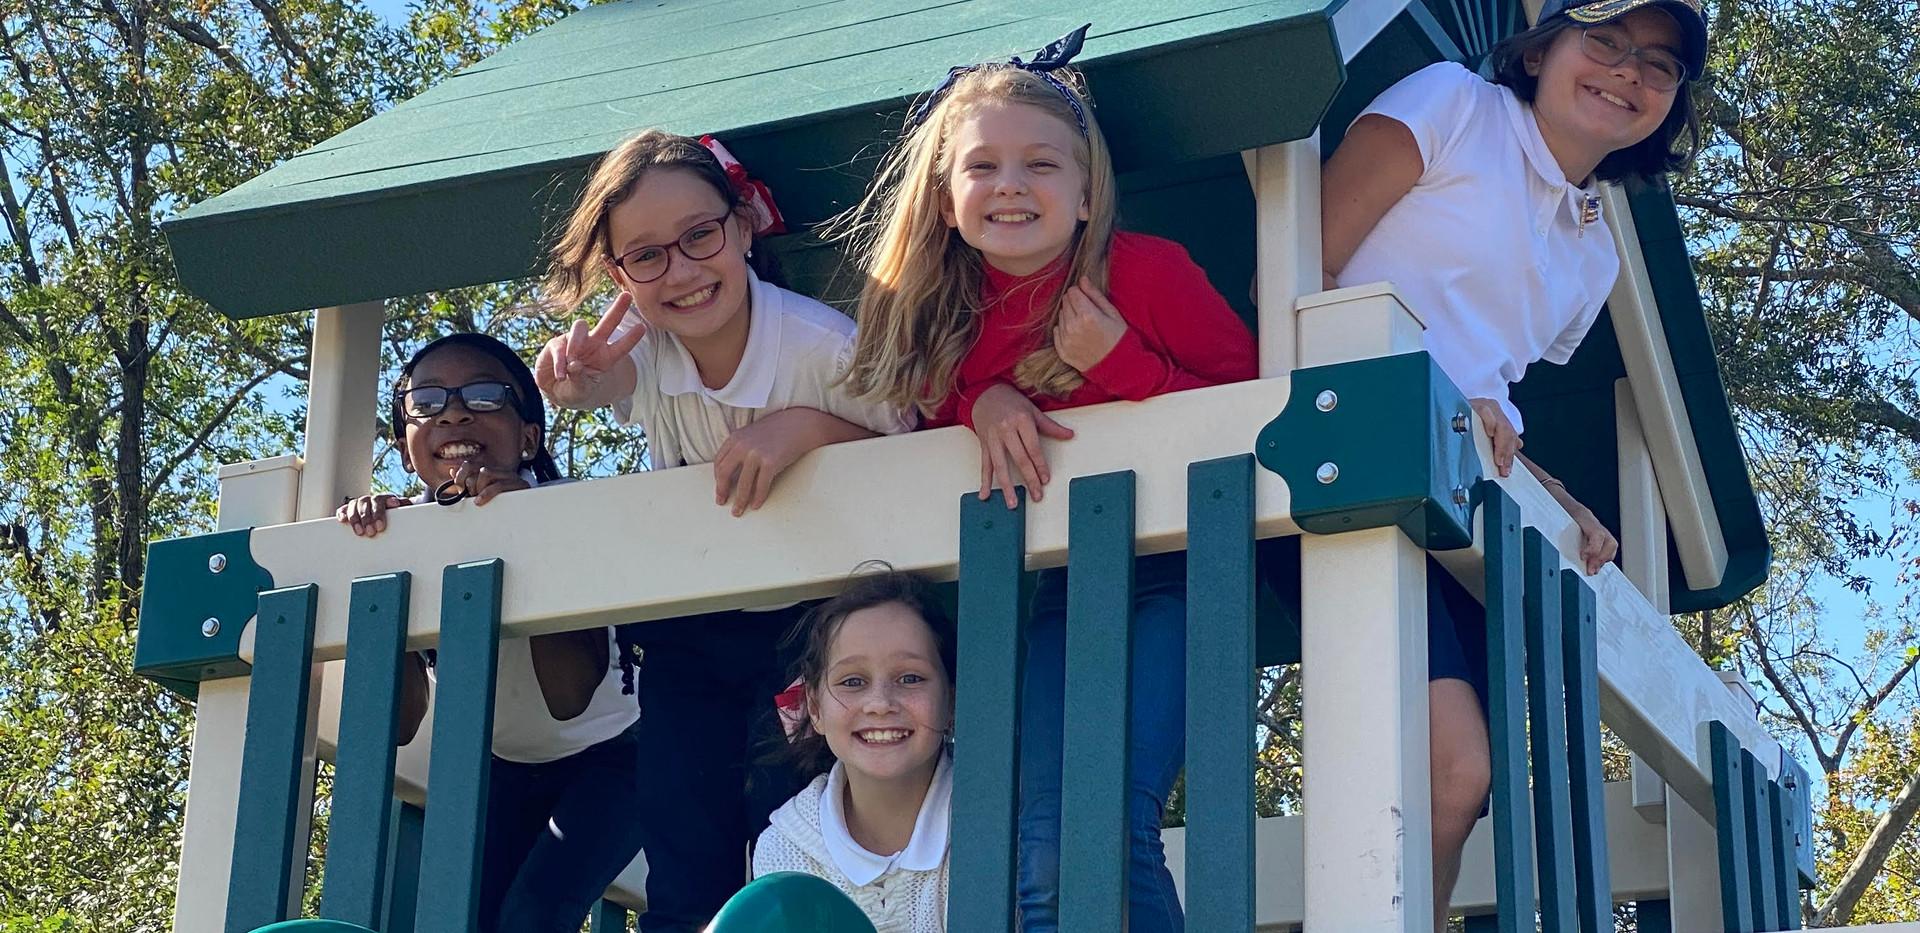 4th grade girls at recess.